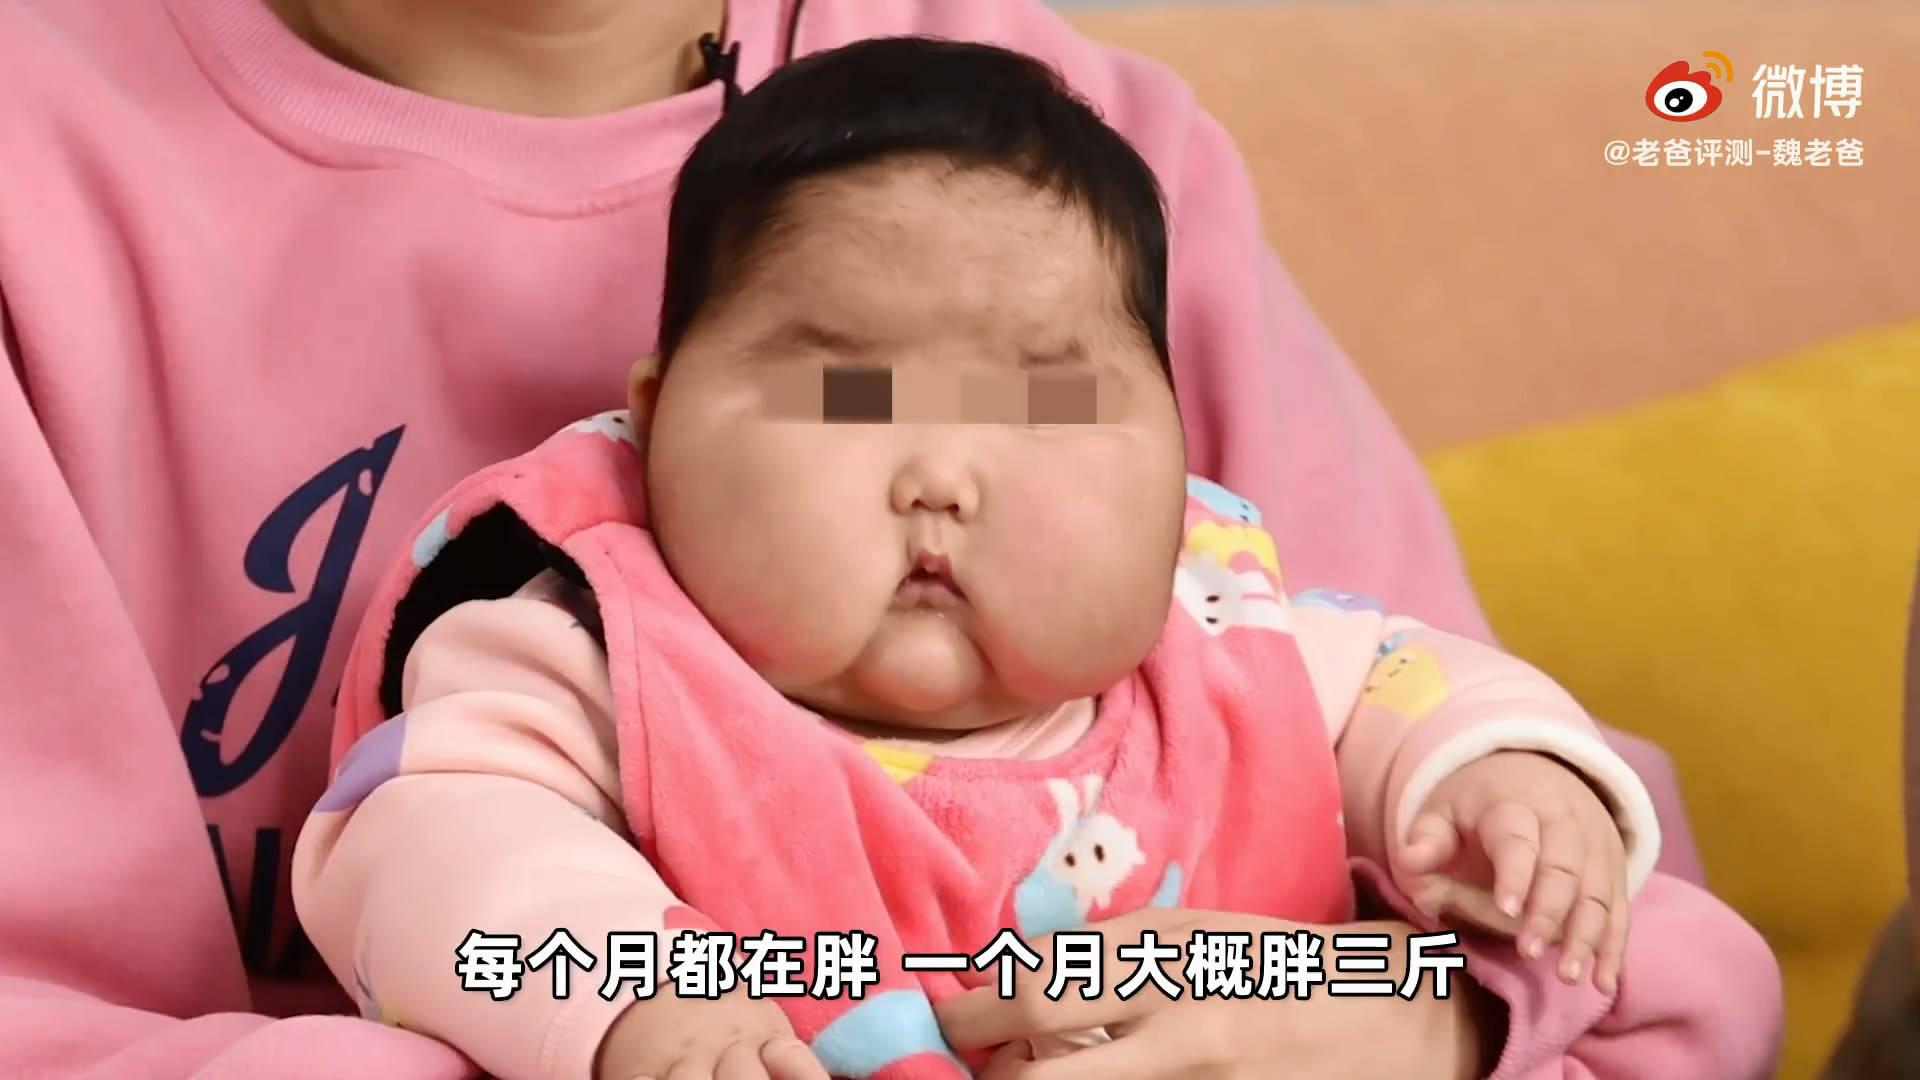 婴儿用抑菌霜成大头娃娃?医院检查一切正常,厂家称家长在炒作  第2张